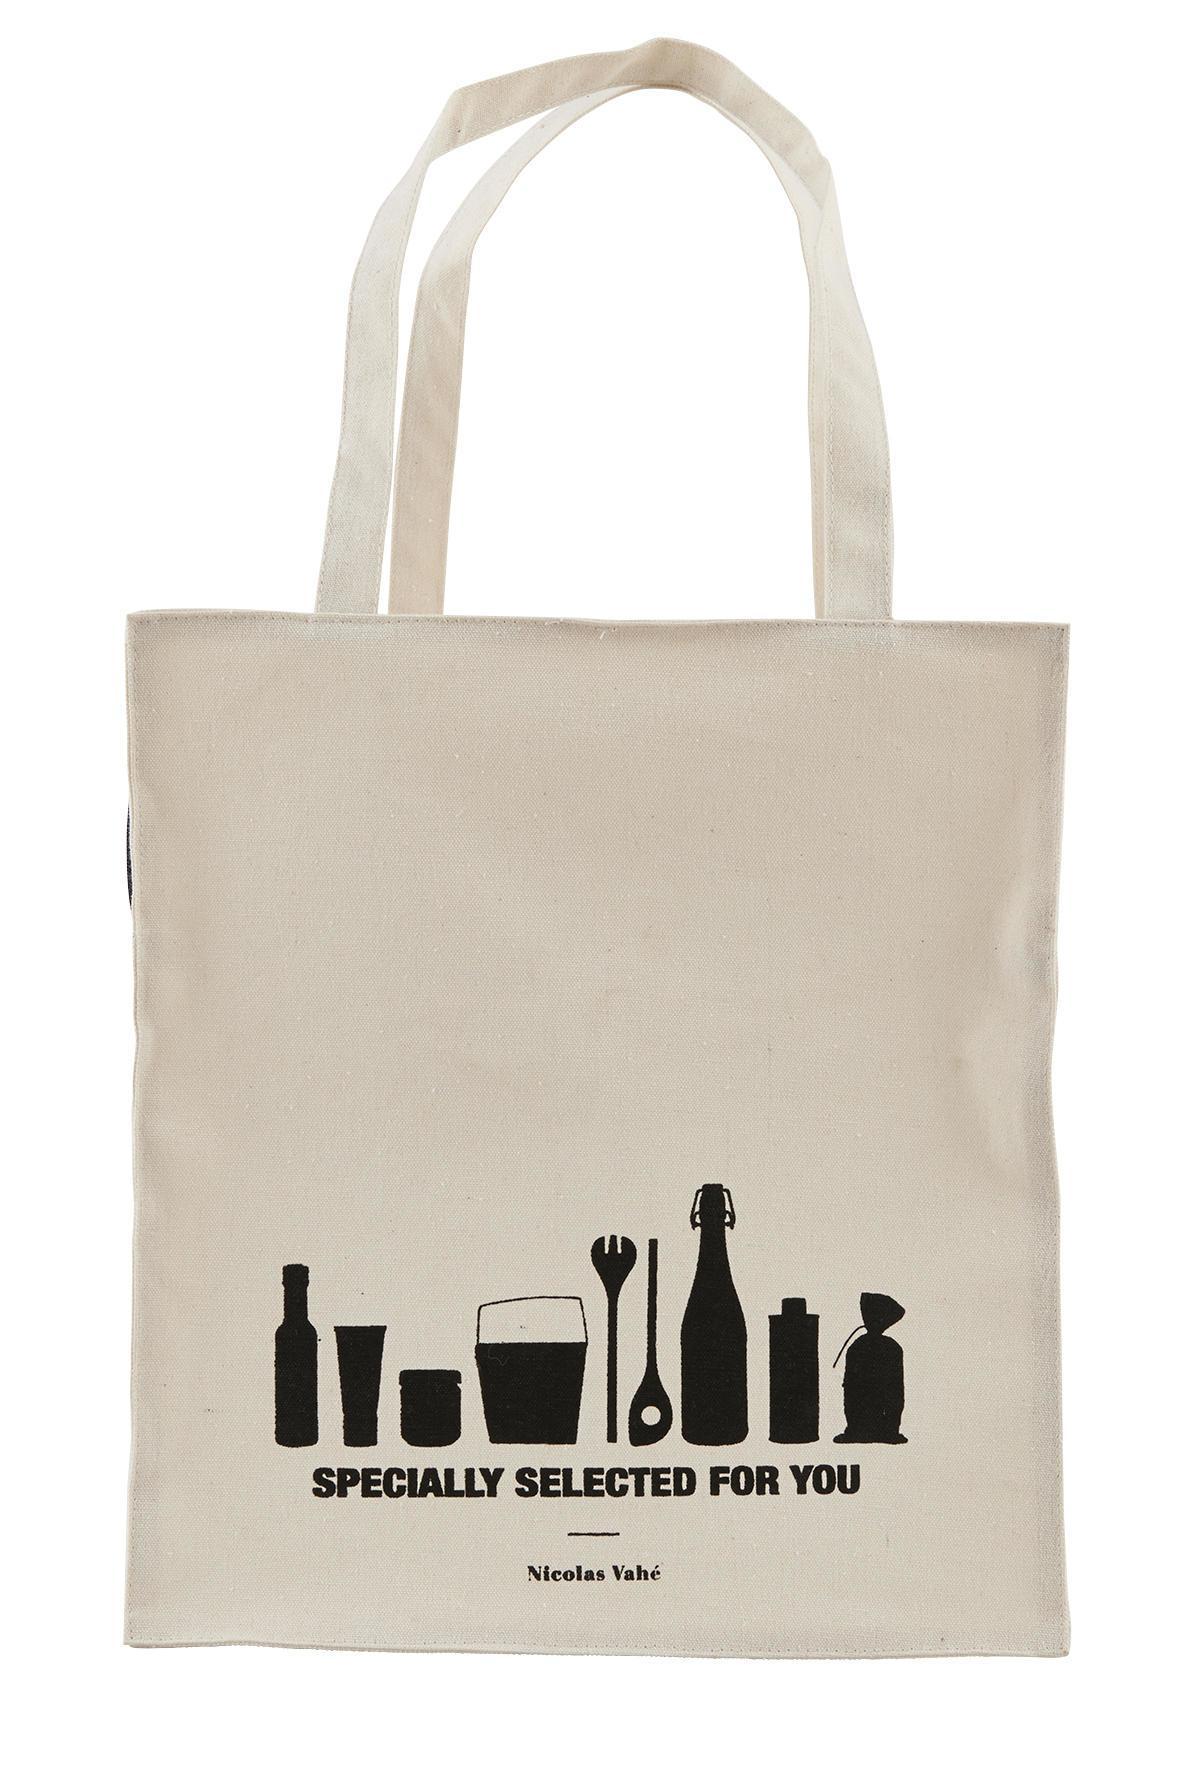 Nicolas Vahé Nákupní taška Specially Selected L, béžová barva, černá barva, textil